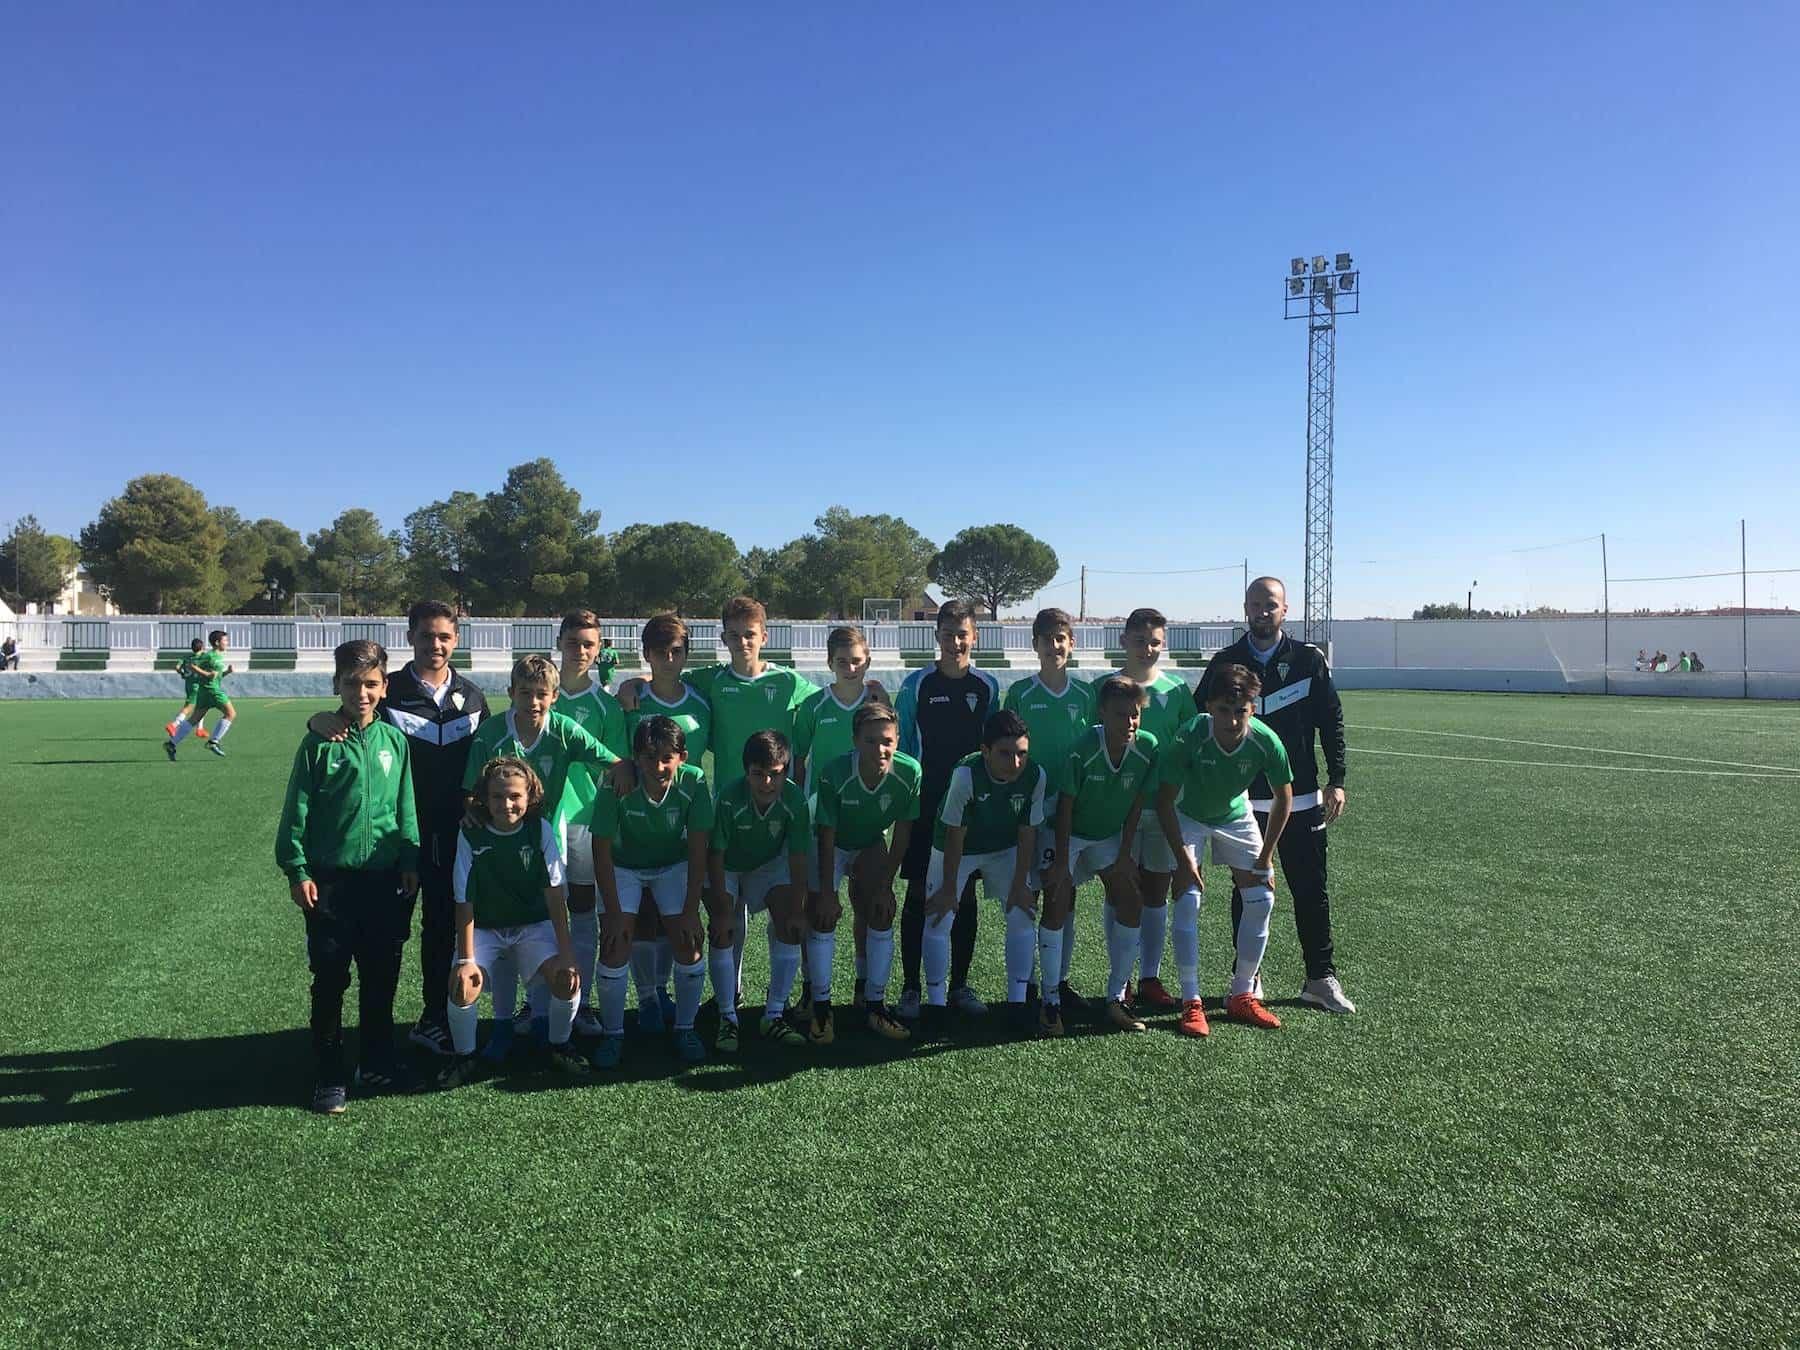 """escuelas deportivas herencia futbol 1 - Las escuelas deportivas de Herencia participarán en """"Interescuelas"""""""